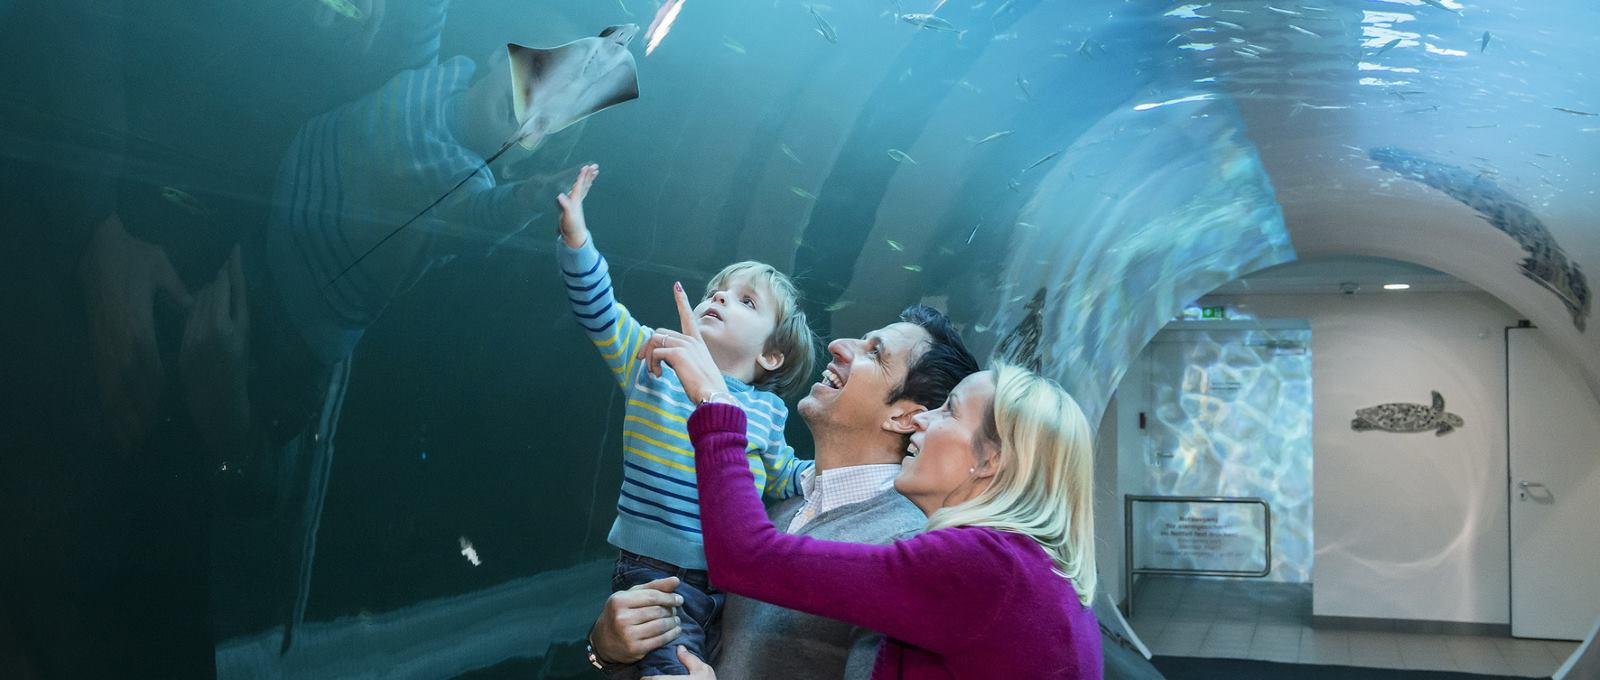 FOTO: Bečka kuća mora bogatija za još jednu atrakciju – Atlantski tunel